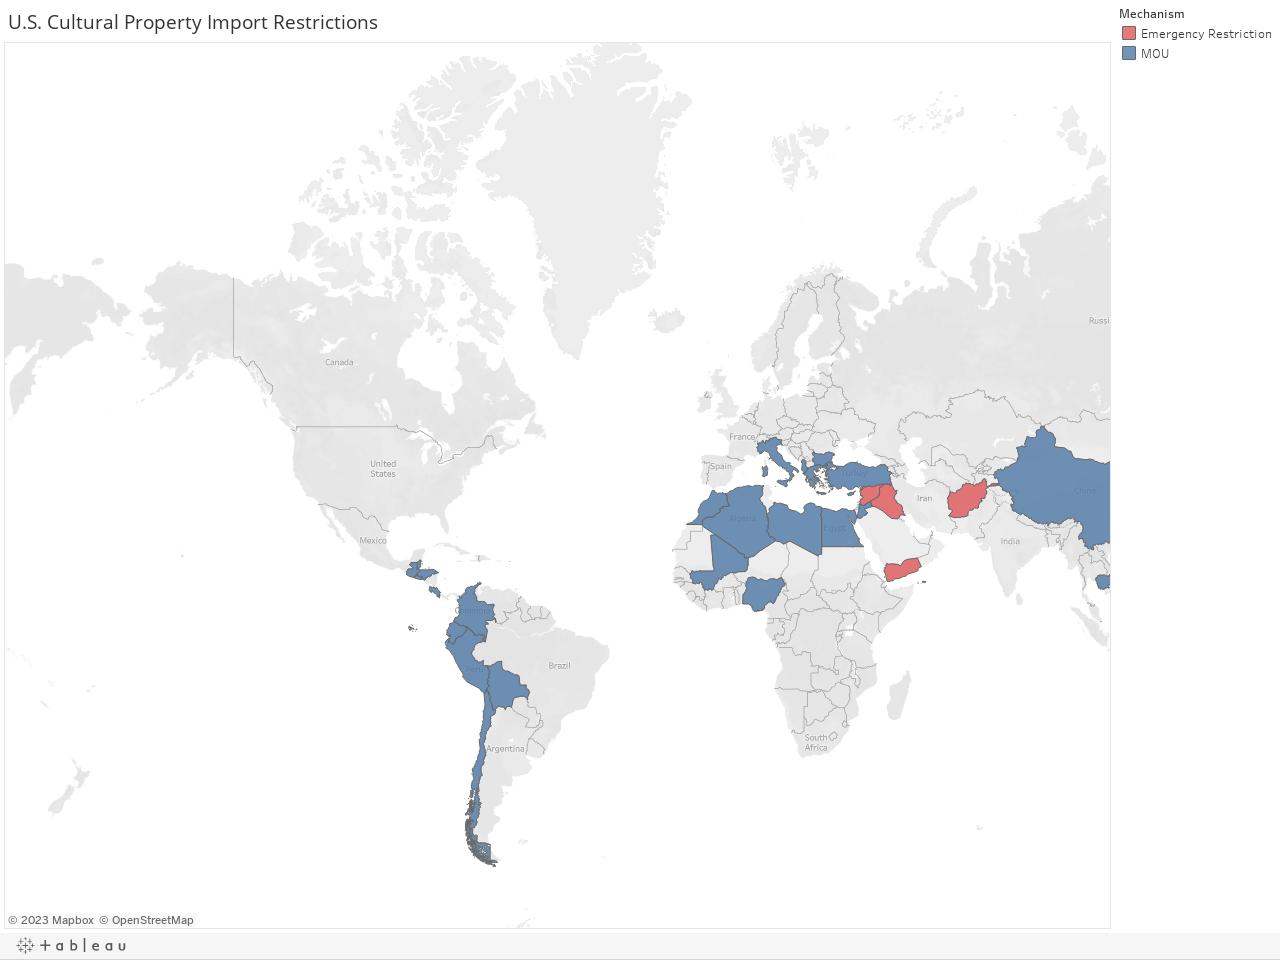 U.S. Cultural Property Import Restrictions